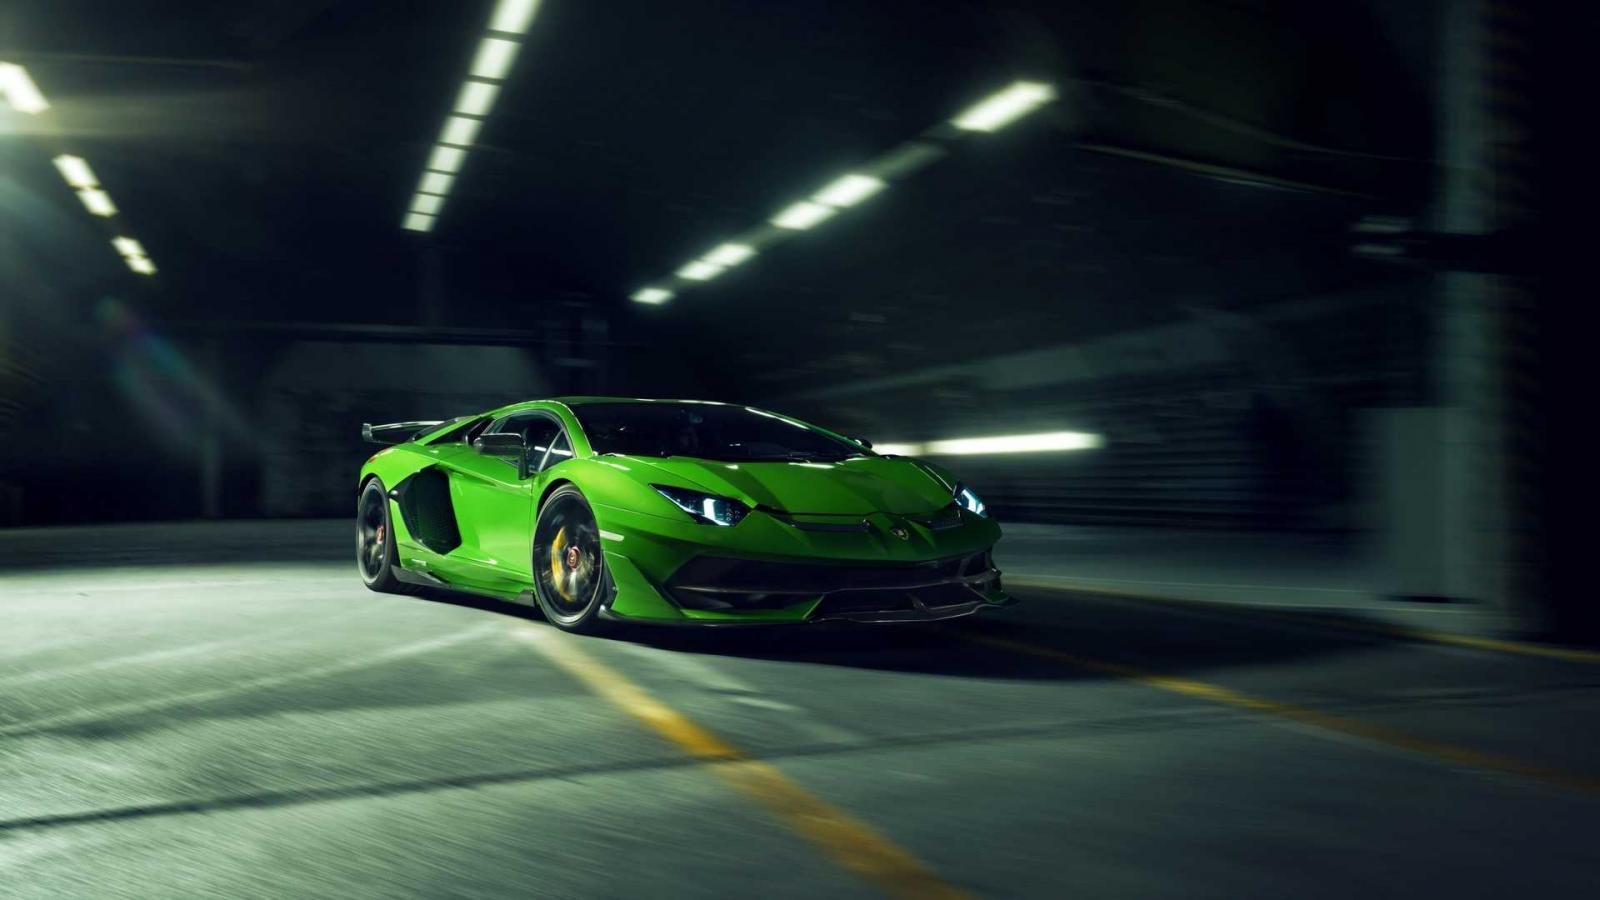 El Lamborghini Aventador SVJ de Novitec es más ligero que el modelo convencional de fabricante italiano